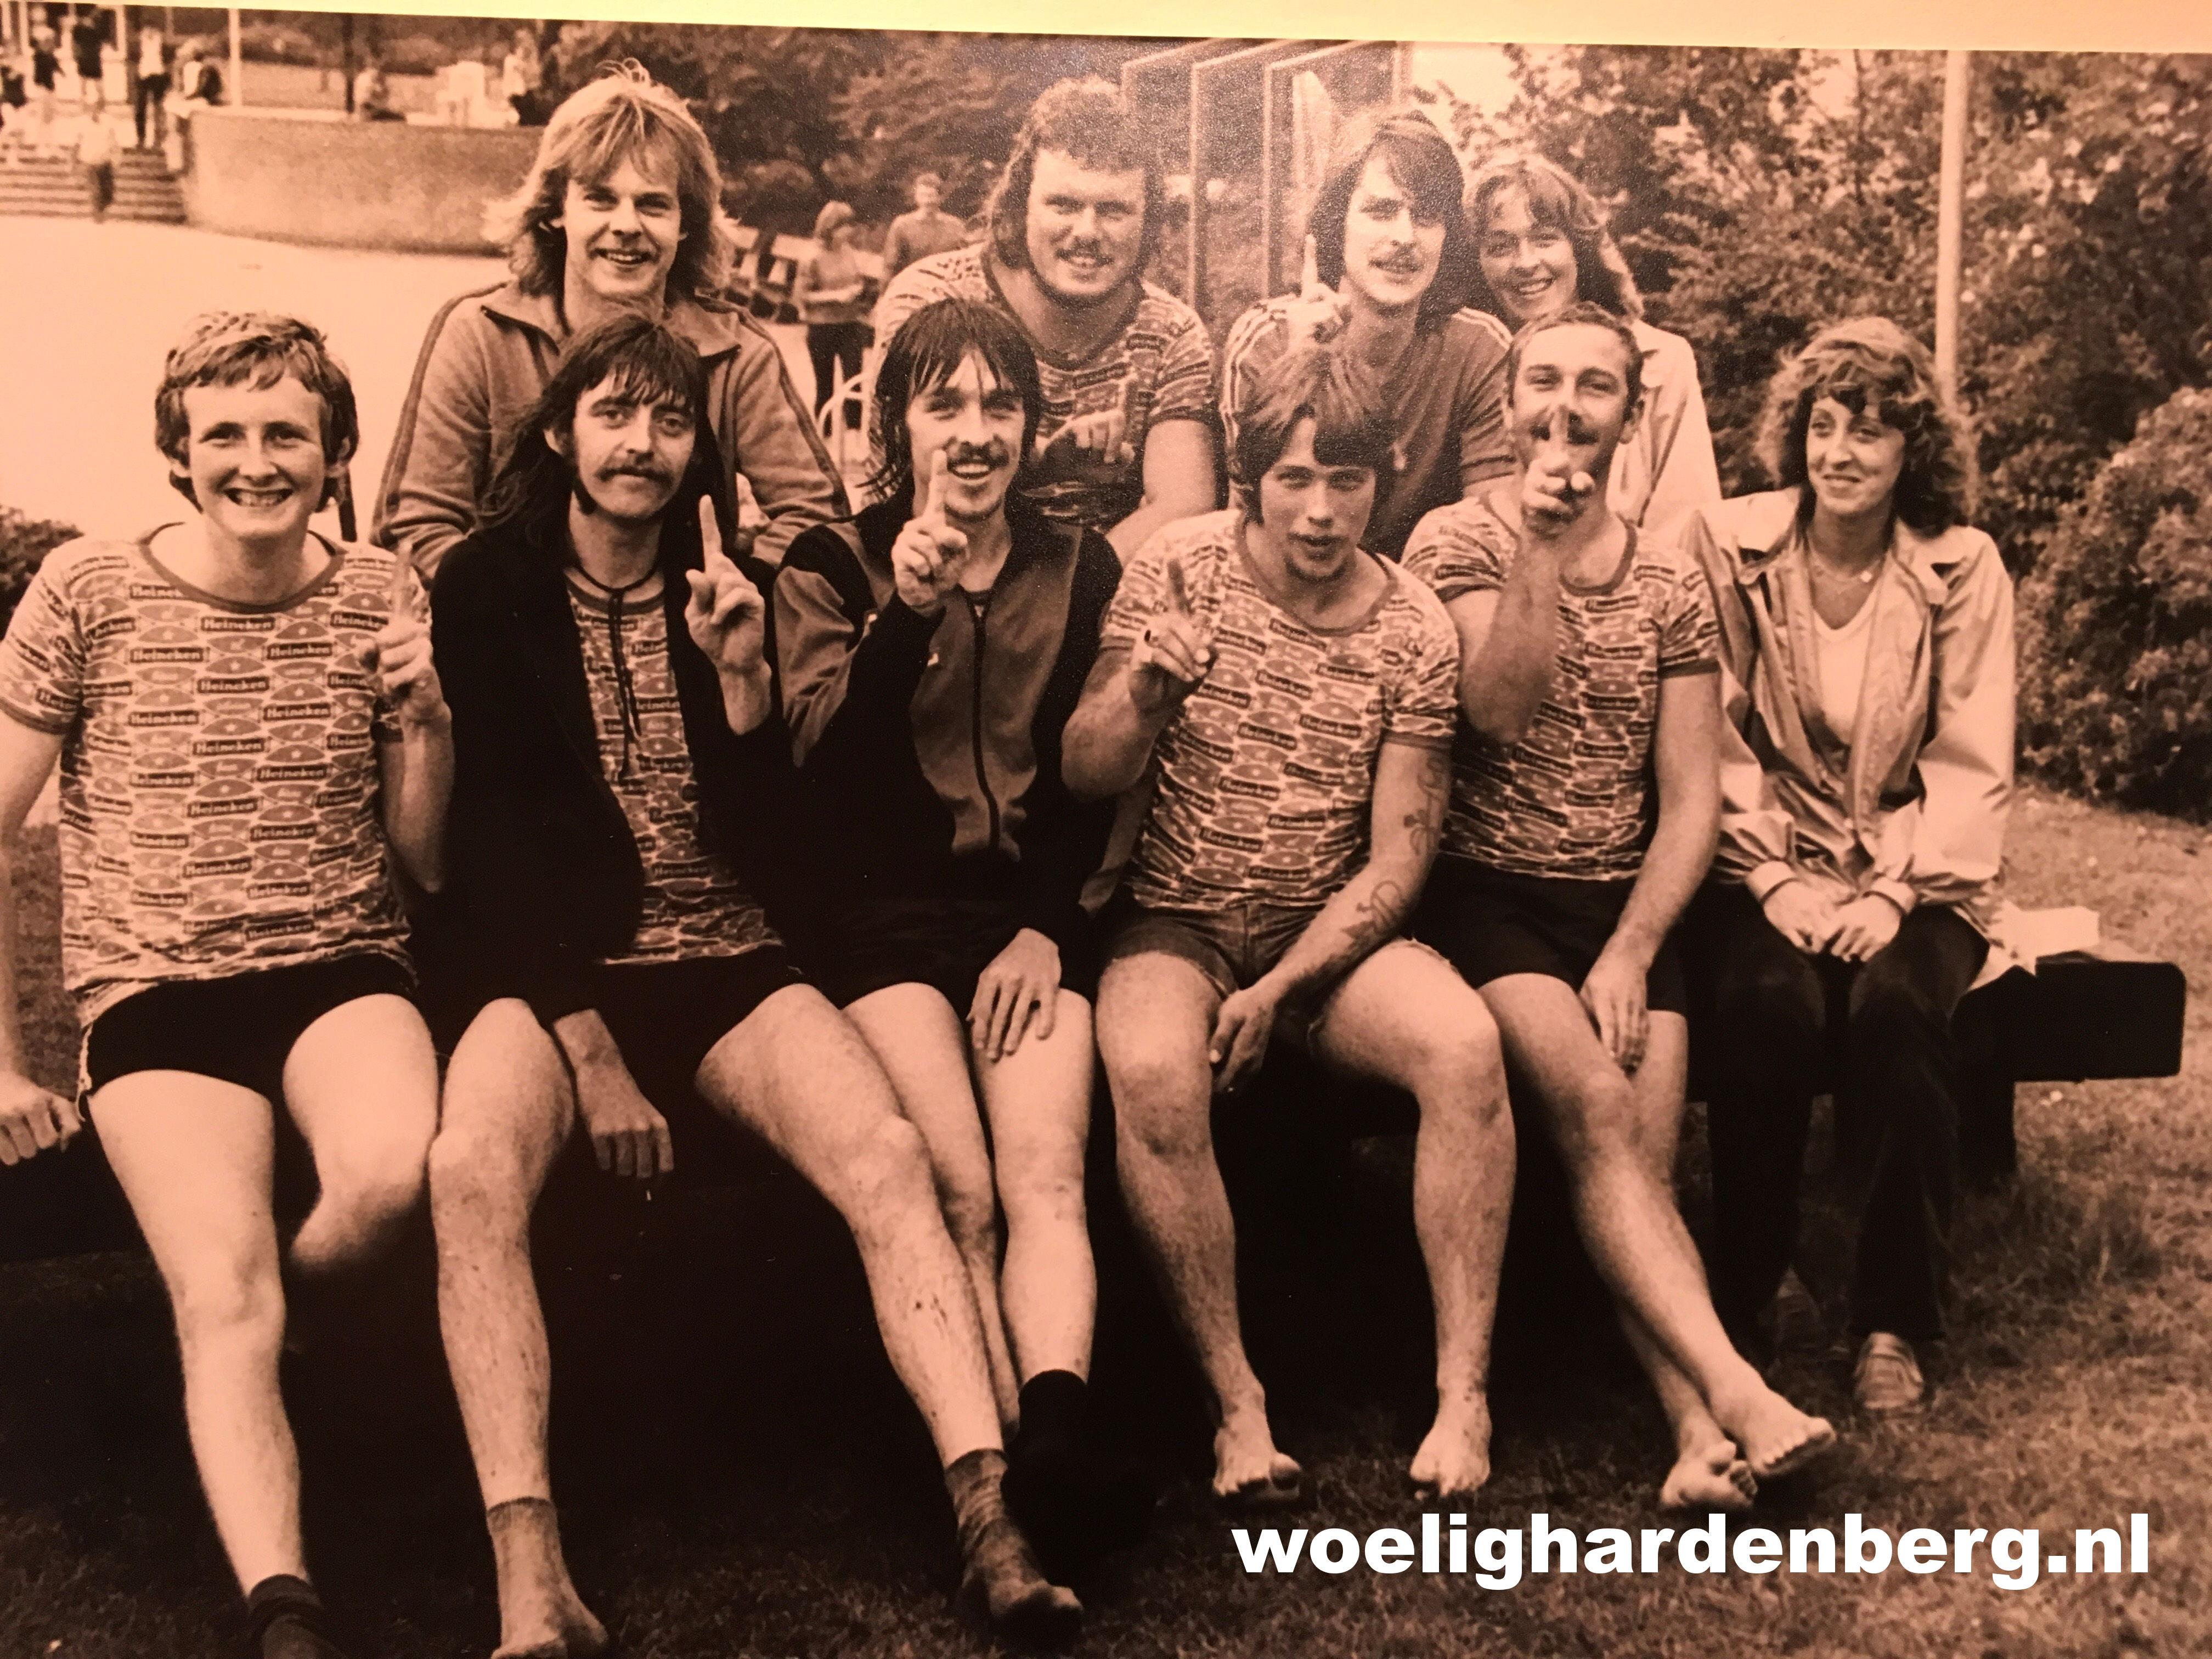 Evert Nijboer, Willem Hutten, Bertus Veenstra Henk Hendriksen, Freek Olsman, Hermke Maatje, achterste rij Marijn Muis, Bert Waterink, Flipper Veenstra en Rita Veenstra